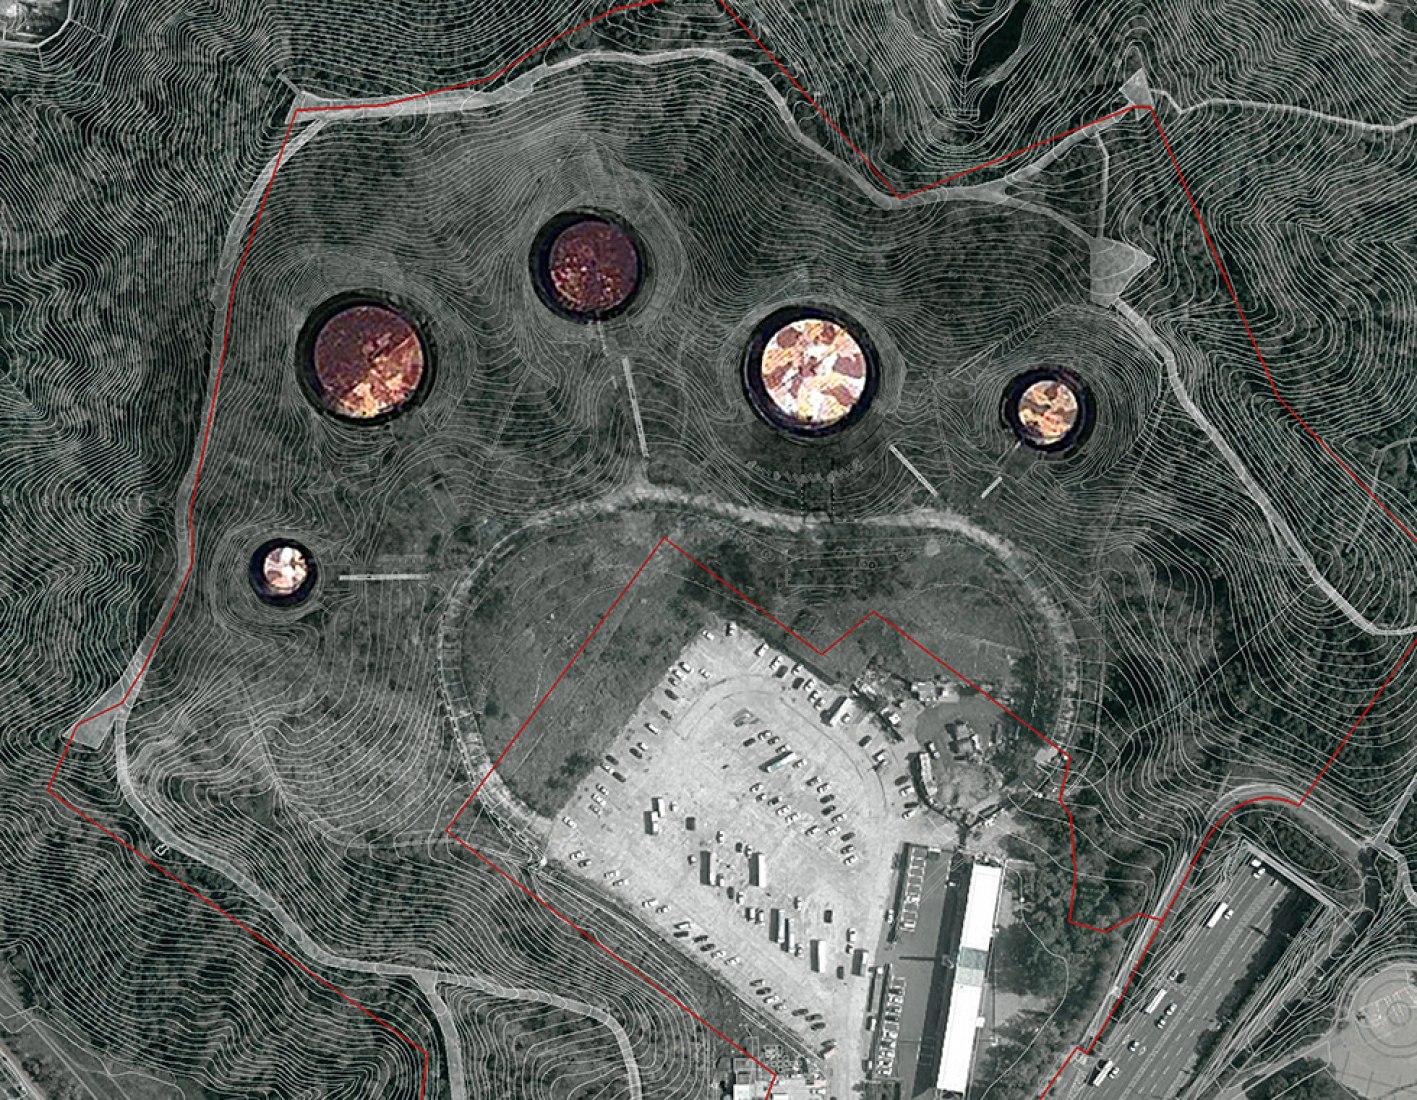 Concurso internacional Deposito de Mapo. Imagen © cortesía de mapodepot.org.